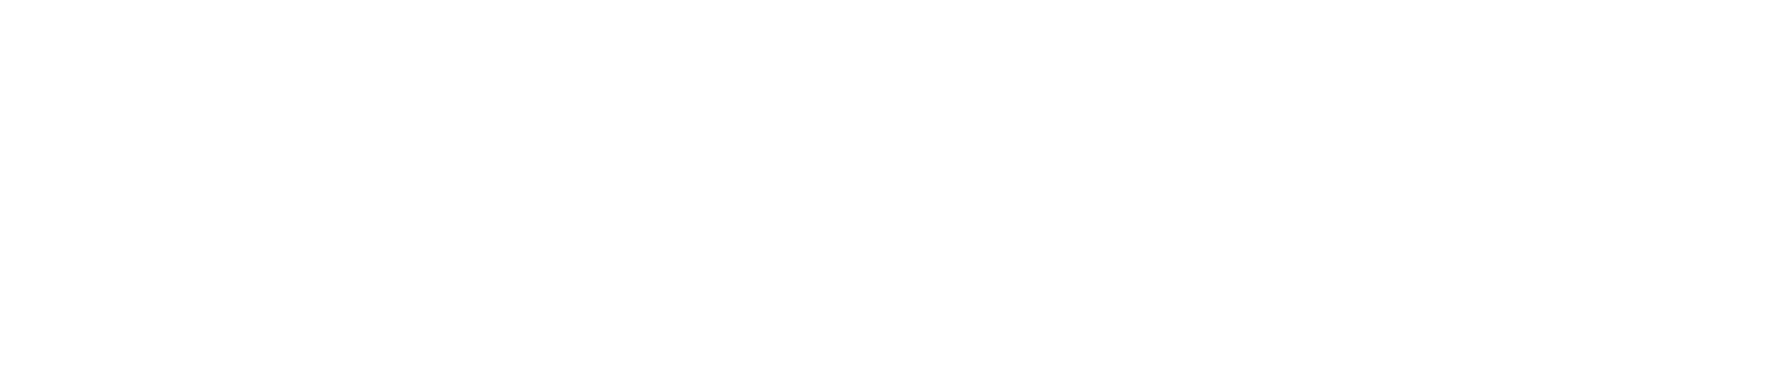 和歌山・串本 タイガーフィッシング 奏丸|カネヨシ